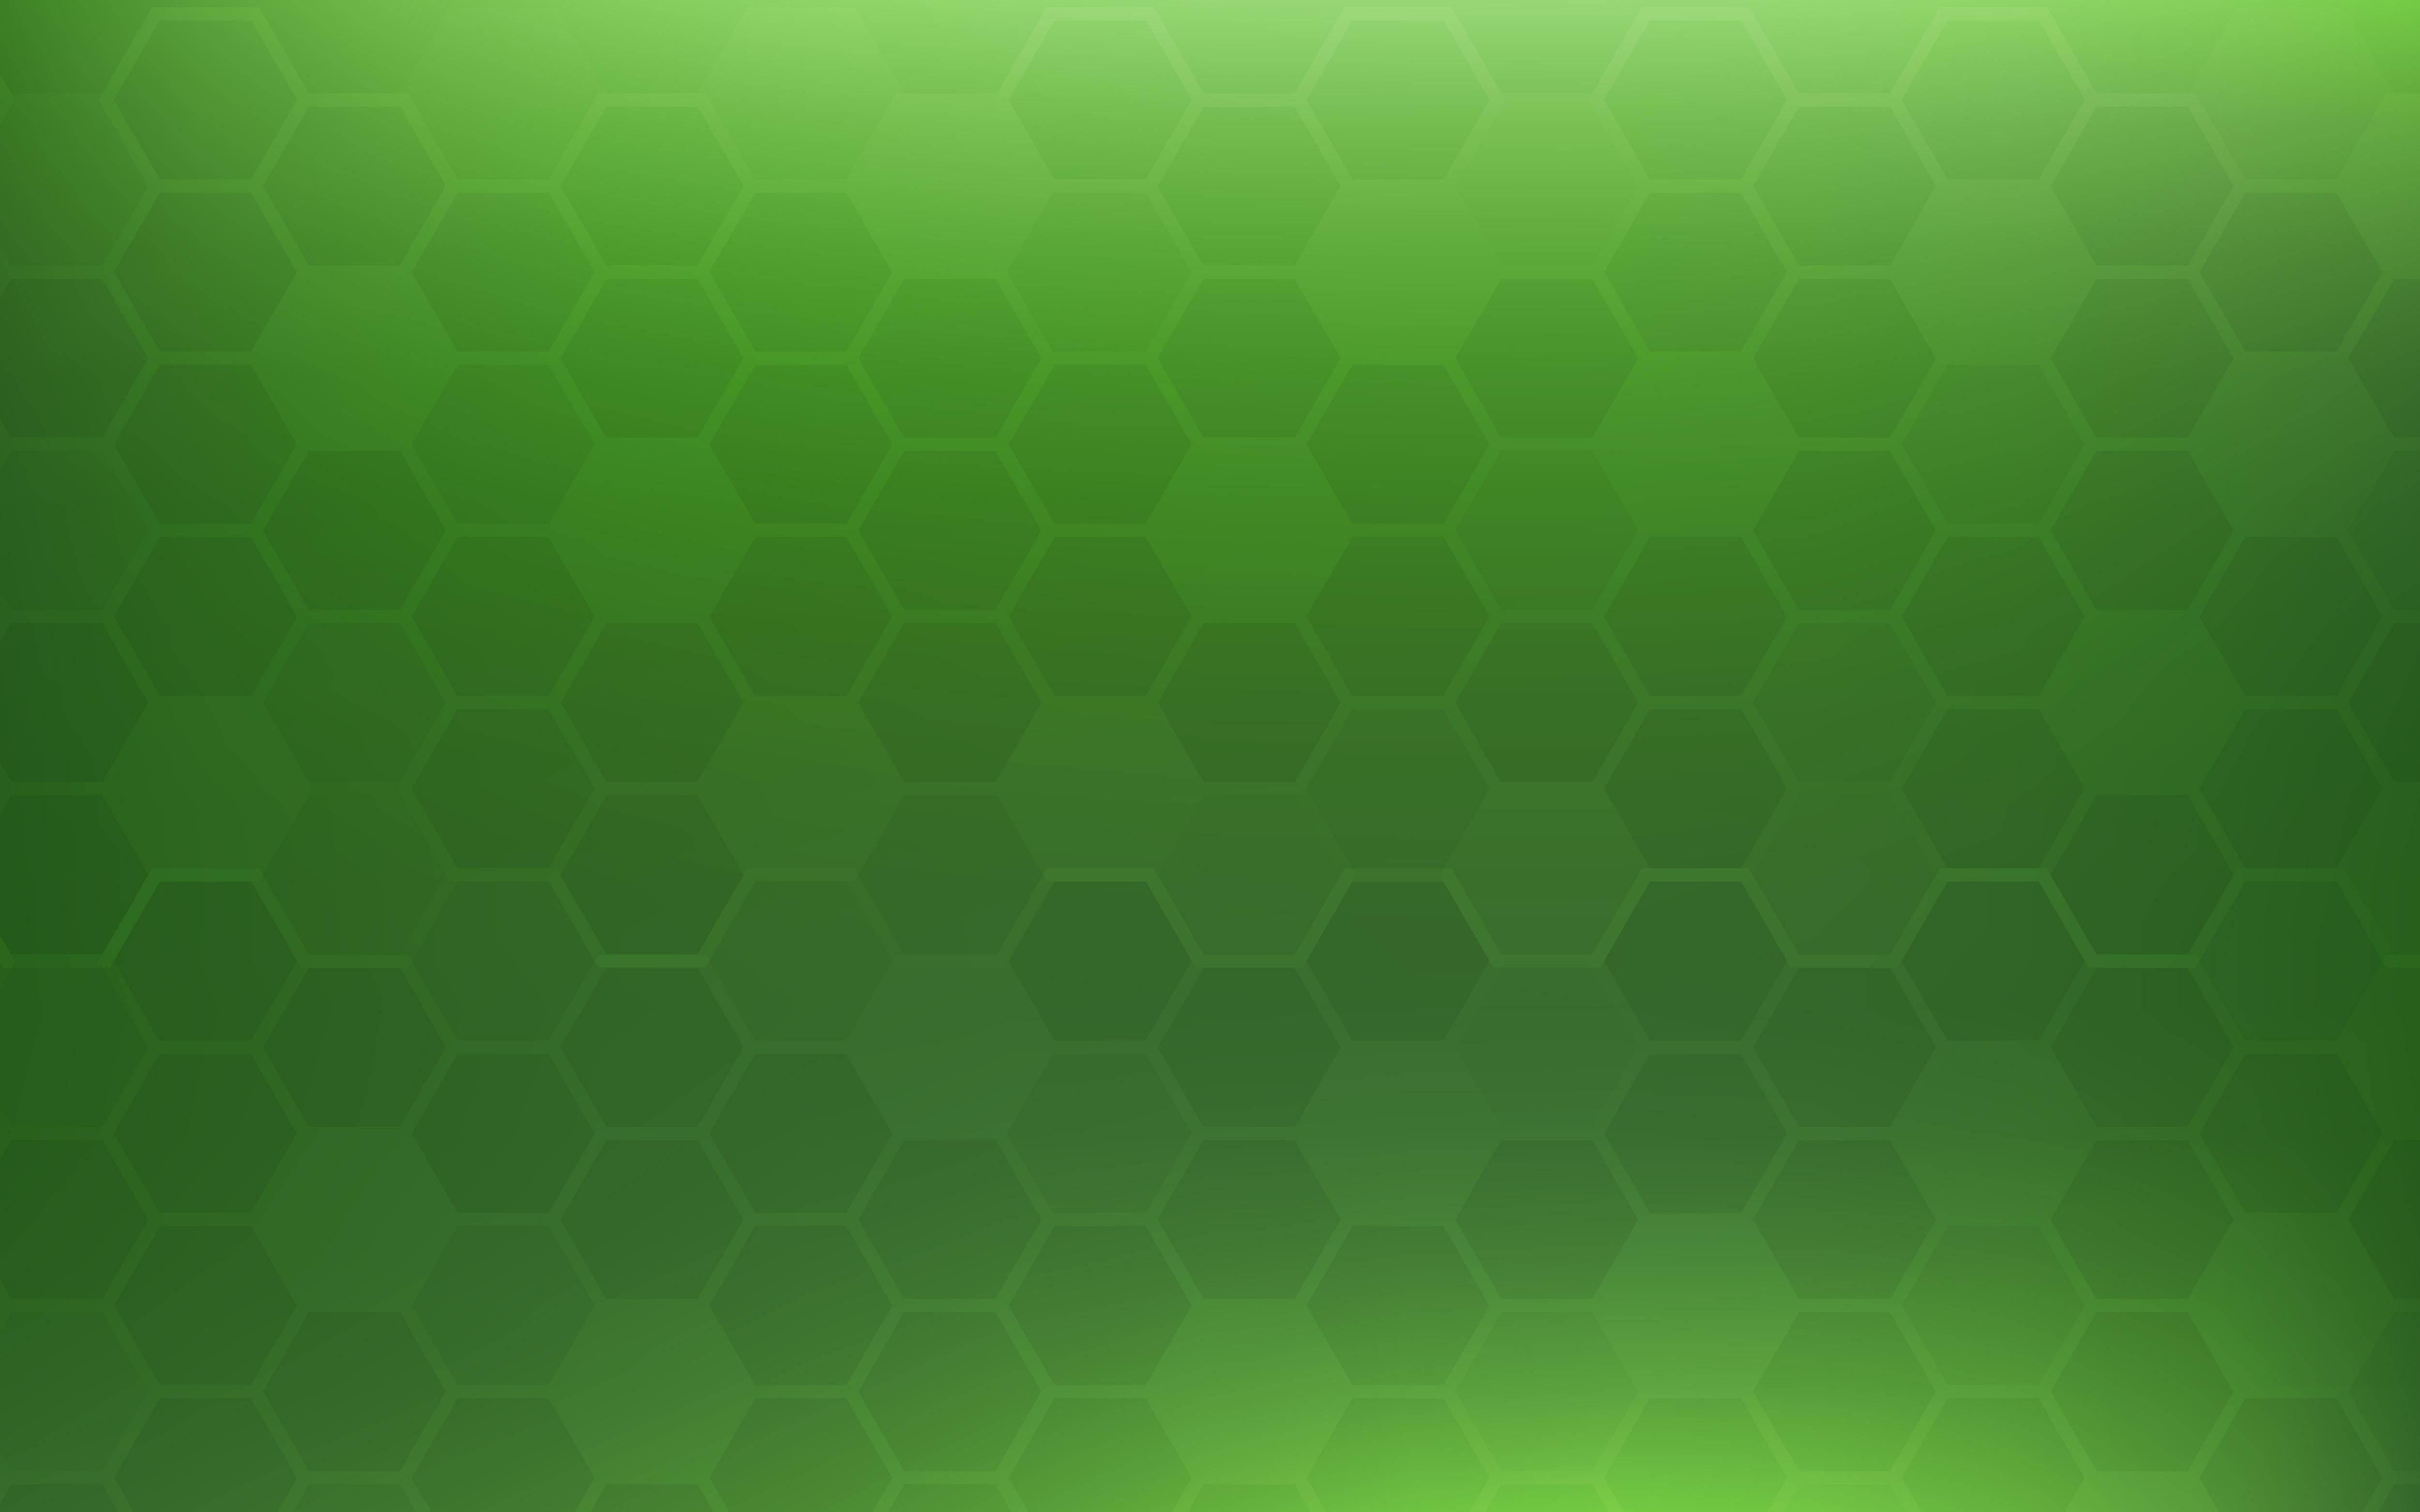 Fondo Verde Del Extracto Del Panal Concepto De Papel Tapiz